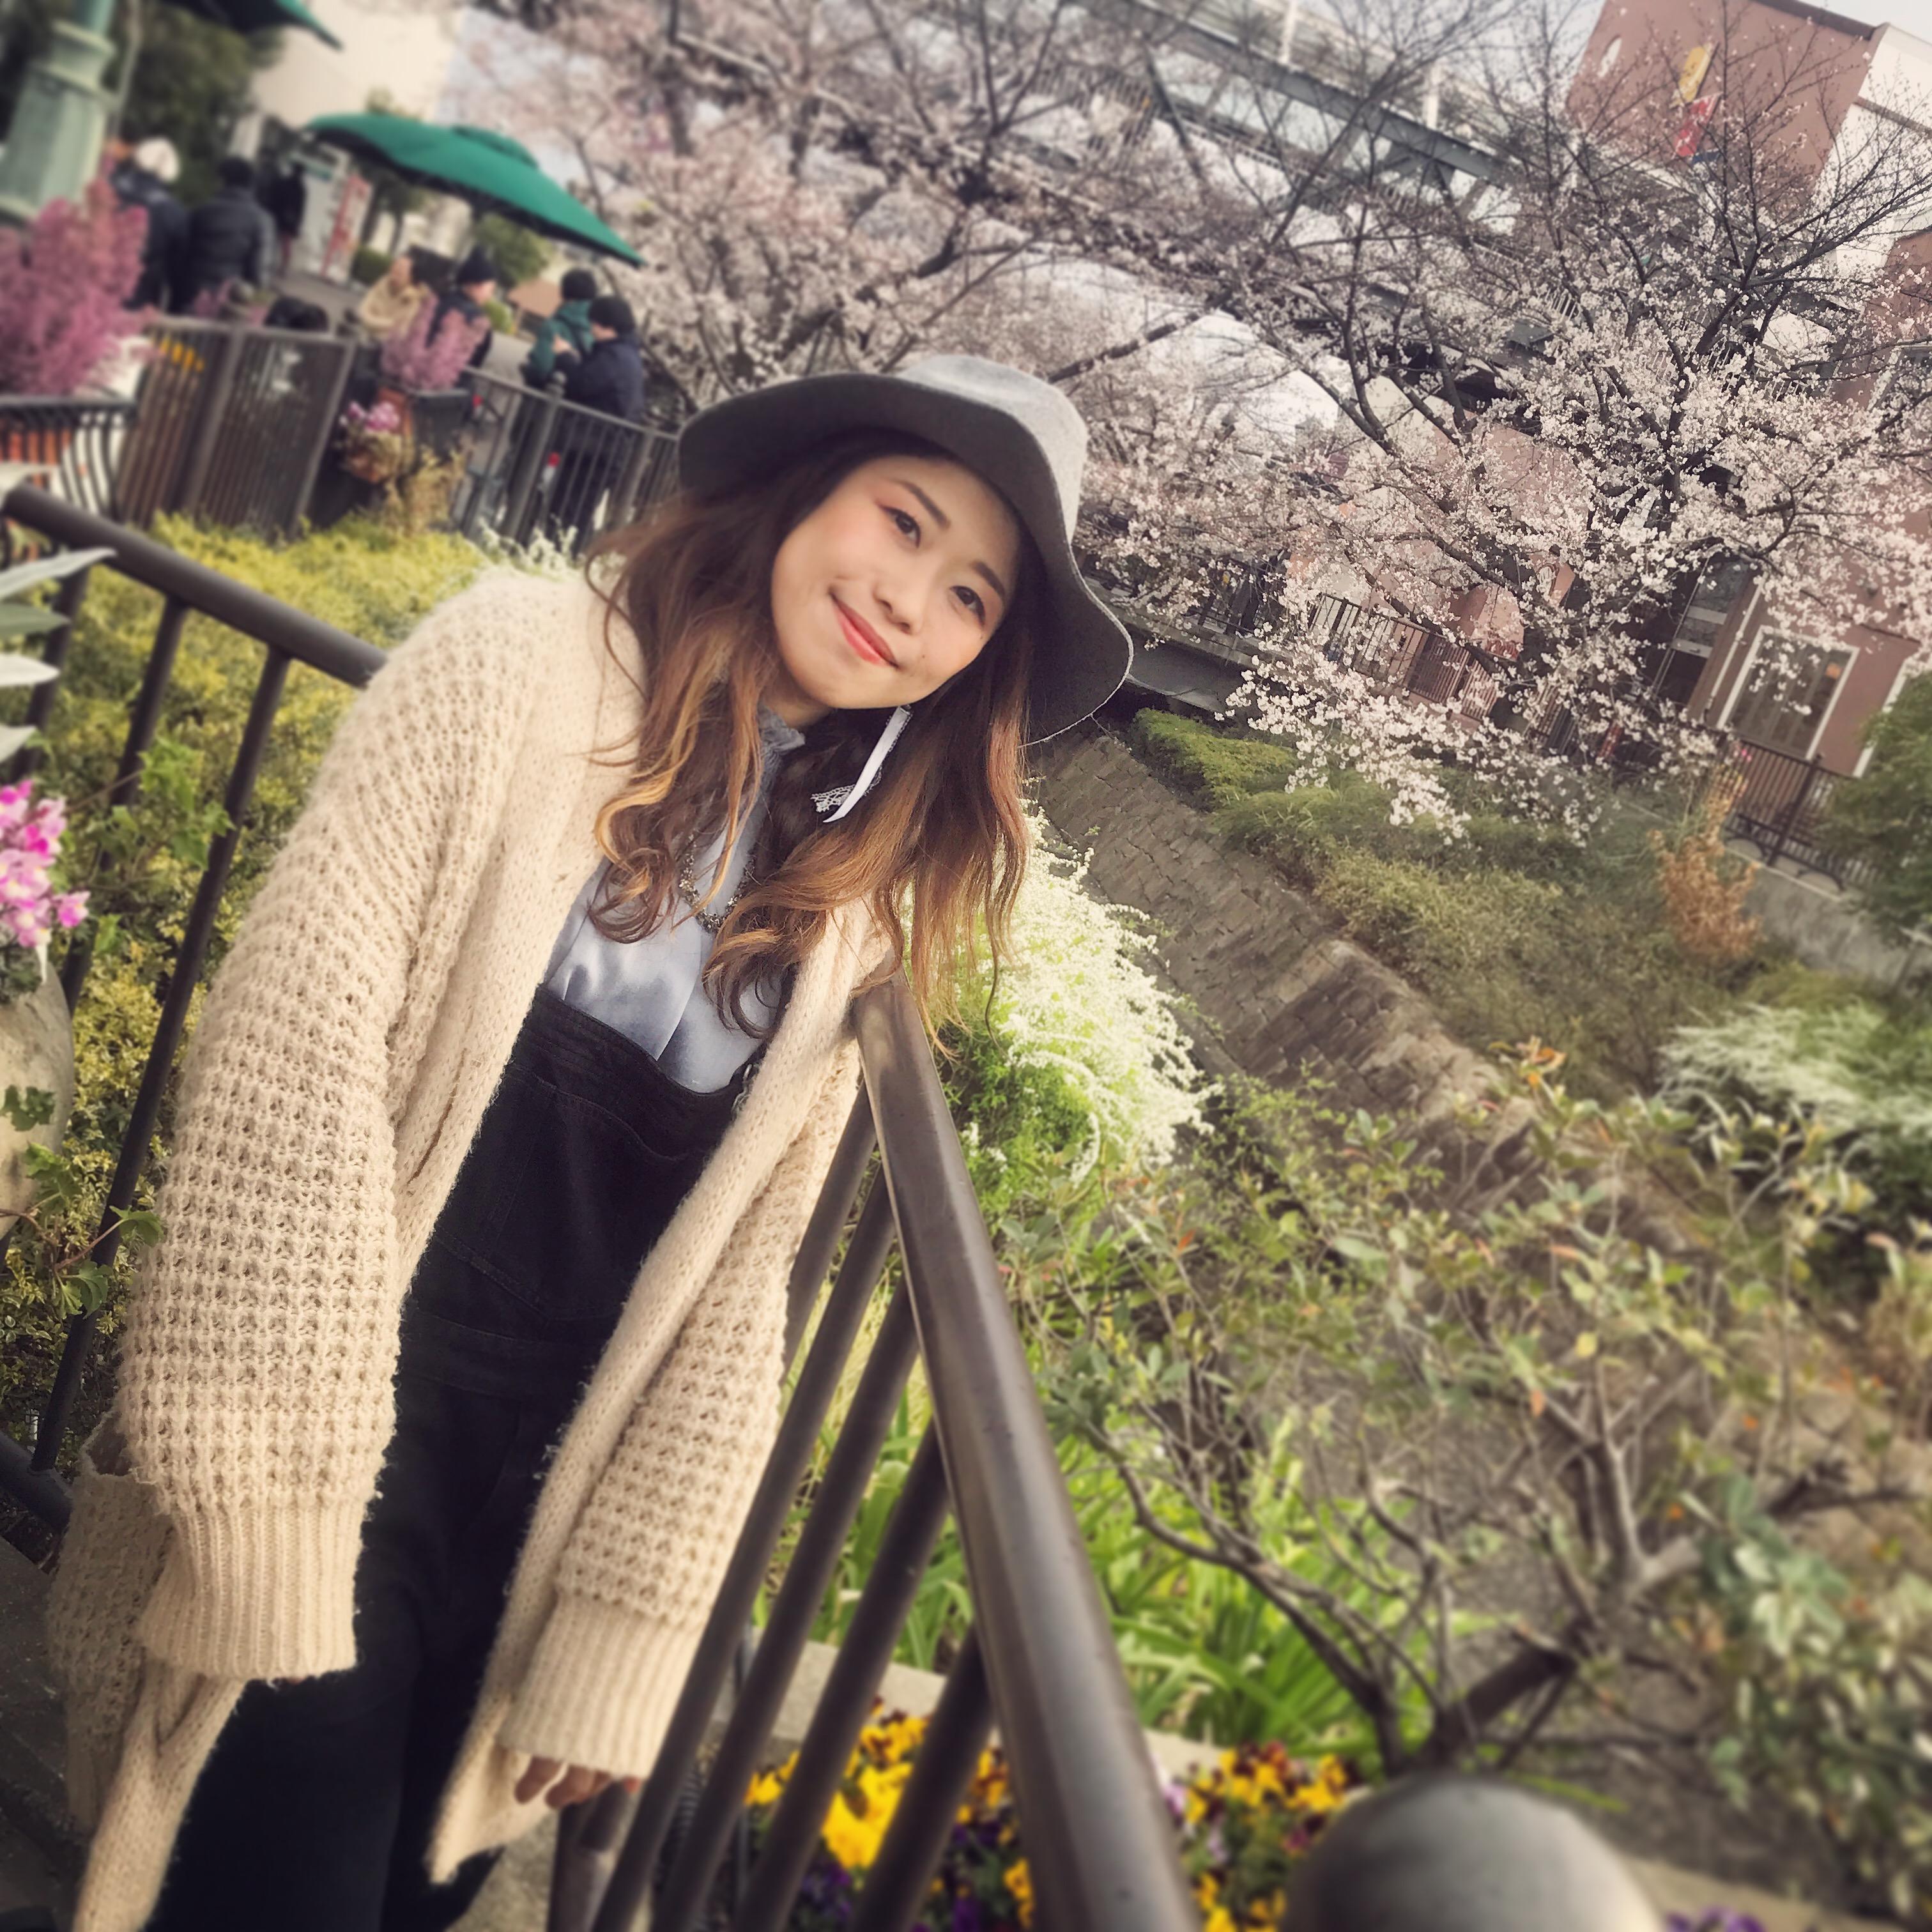 【fashion】いよいよ暖かい春コーディネートを楽しみましょう【春服】_1